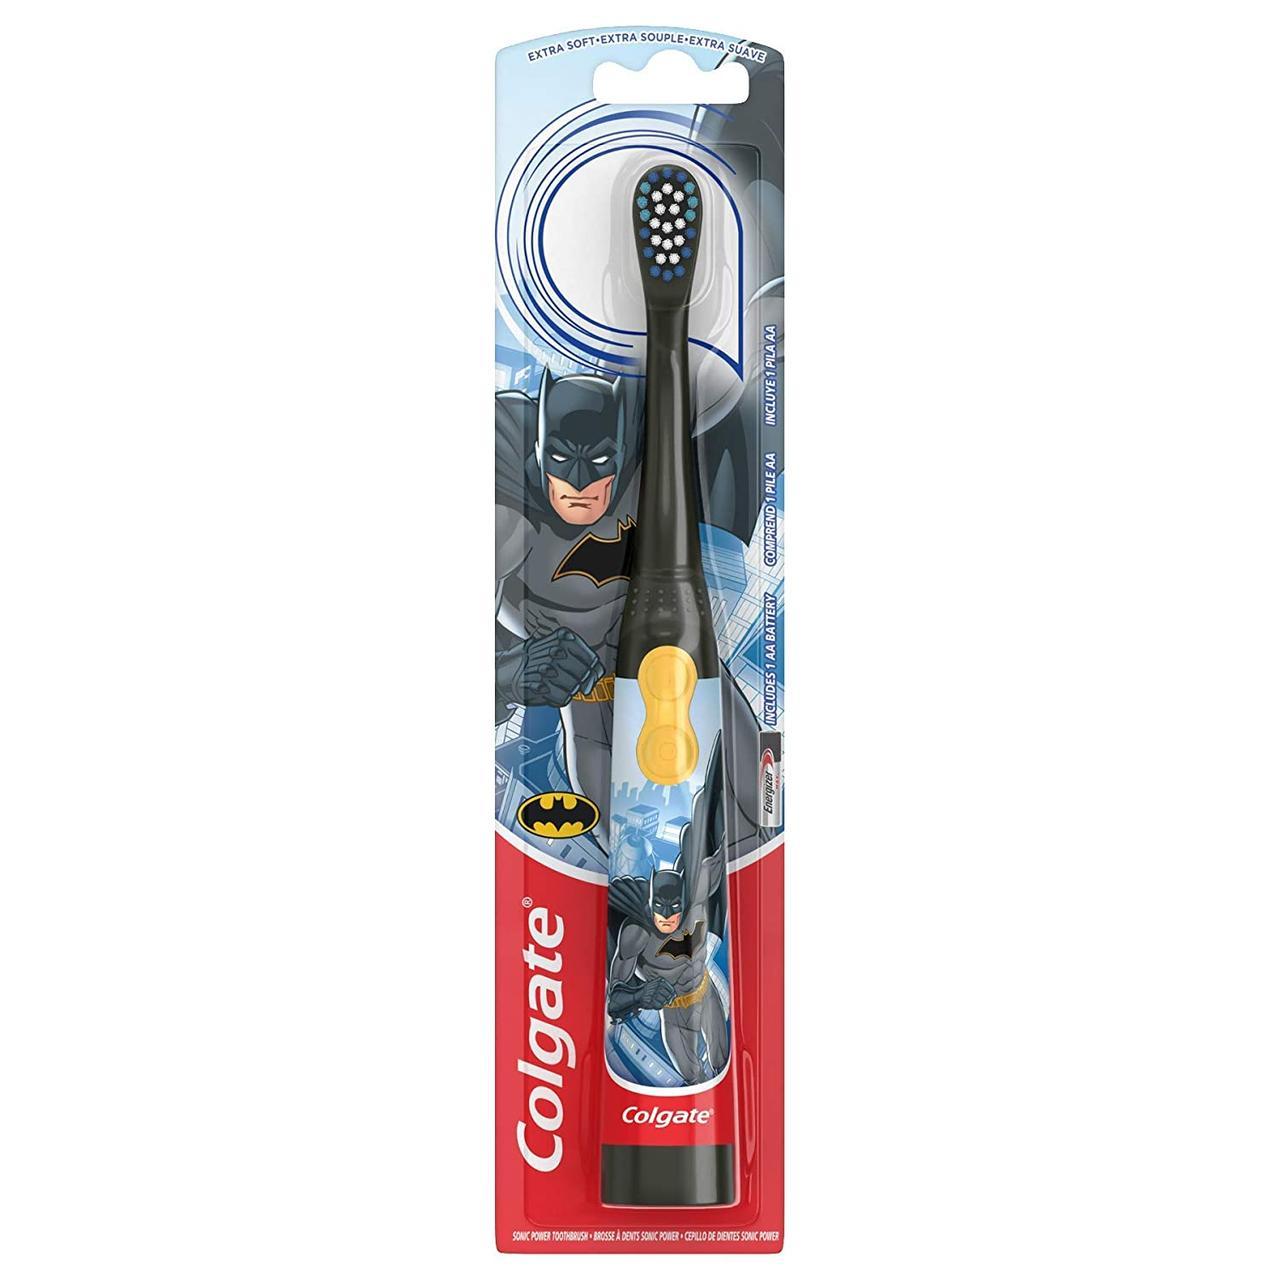 Детская электрическая зубная щётка Colgate Бэтмен